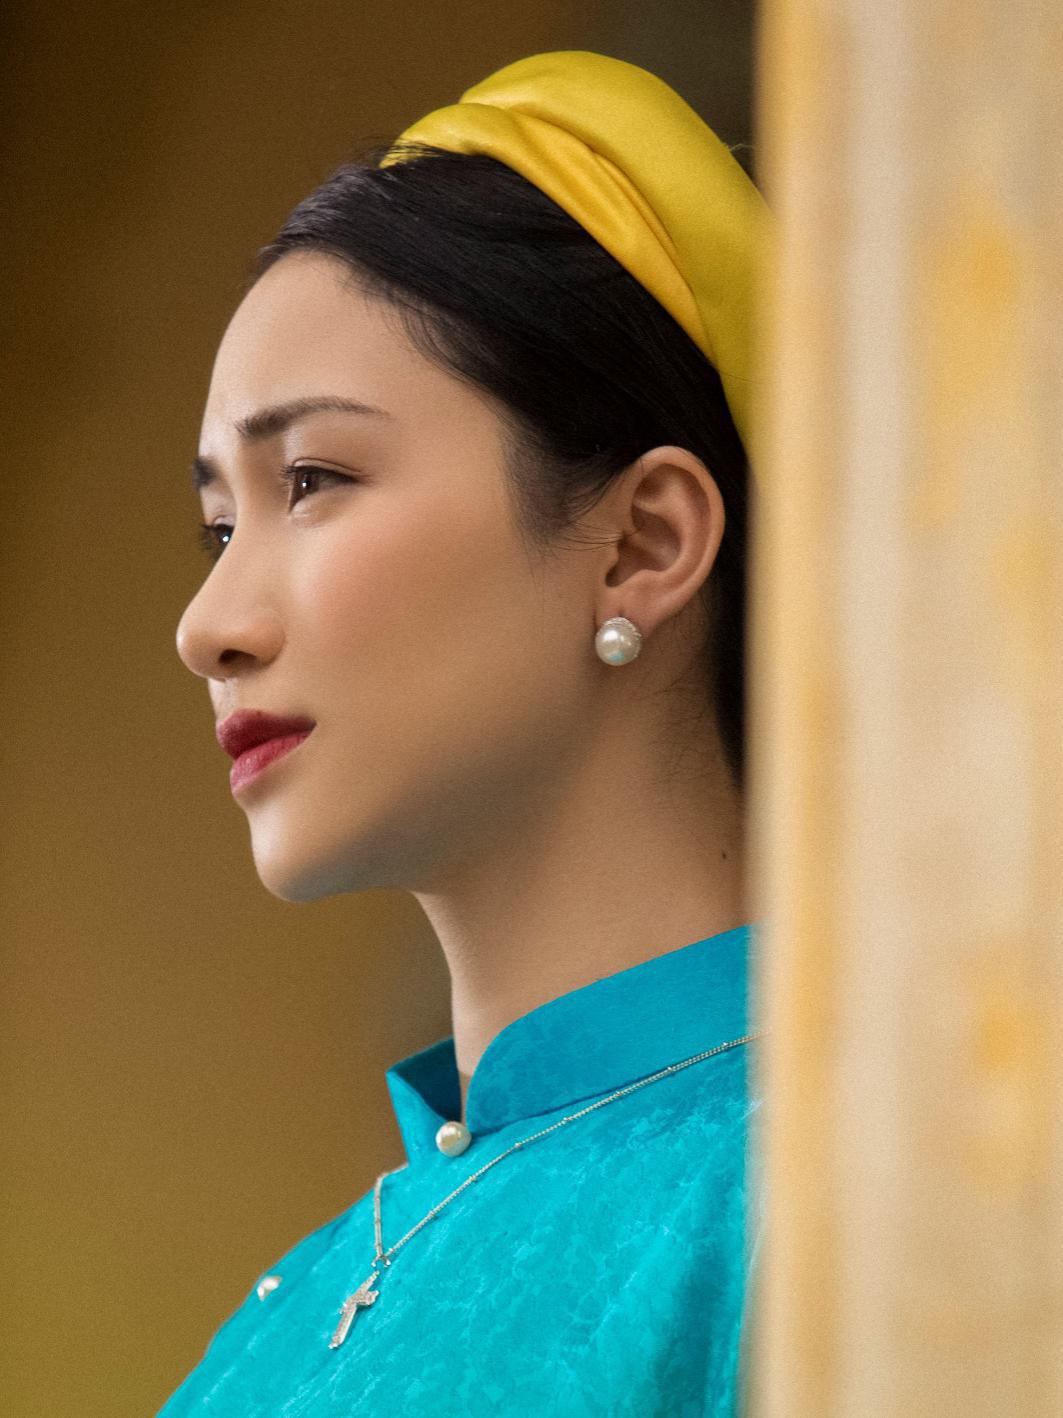 Hòa Minzy cùng PNJ tái hiện hình ảnh Nam Phương Hoàng Hậu trong MV mới - Ảnh 4.